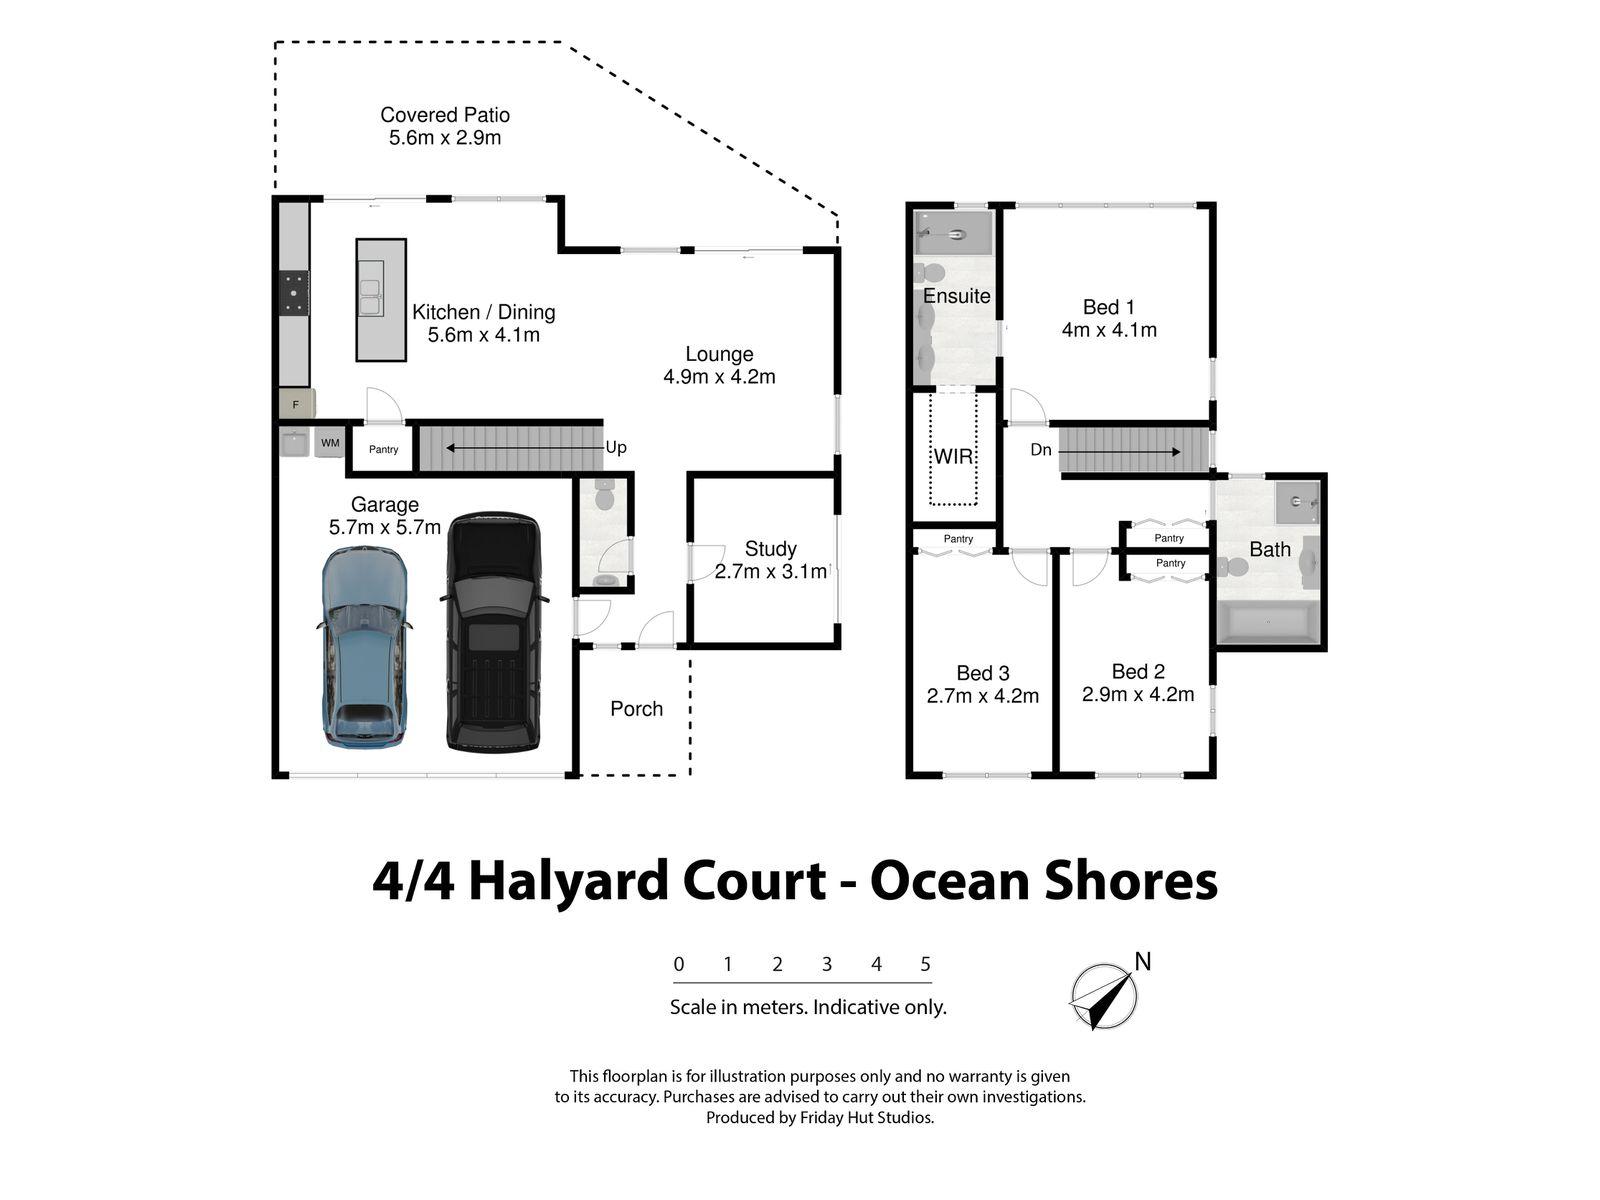 4 / 4 Halyard Court, Ocean Shores